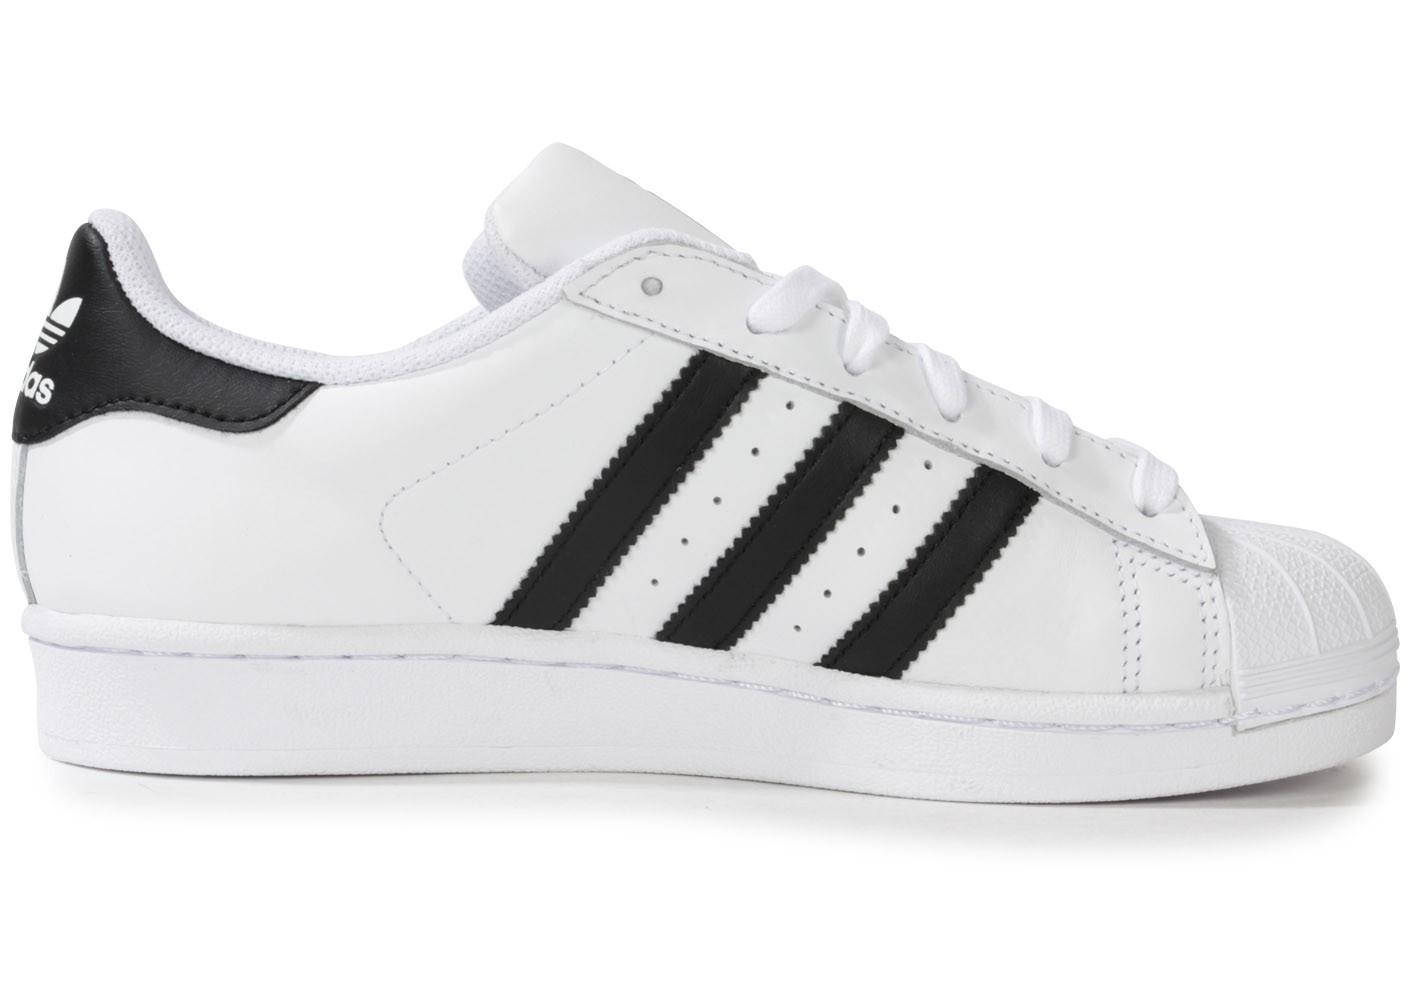 adidas superstar noires et blanches